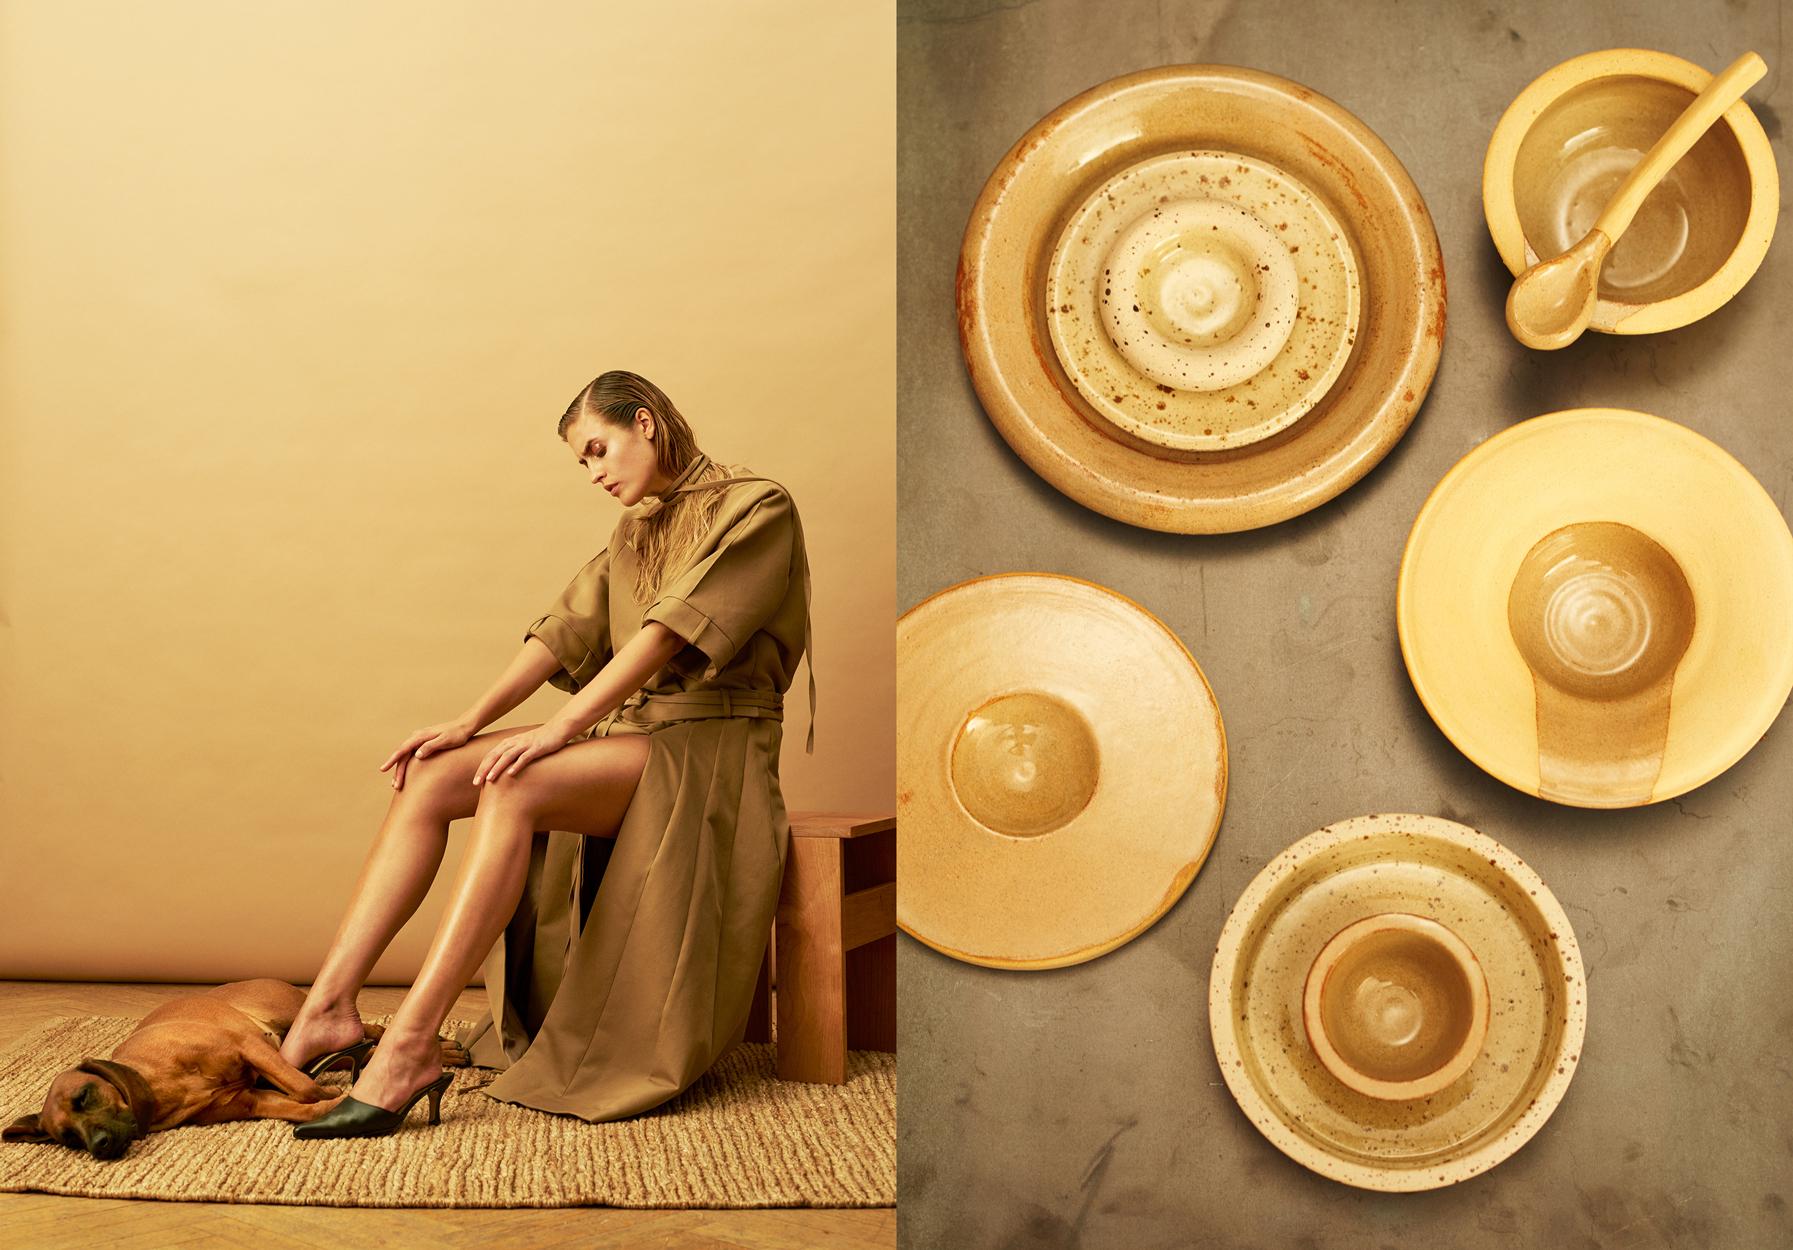 Designer: Stridh/Strand  Hair/Makeup: Annie Ankervik  Model: Carolina S / Le Management